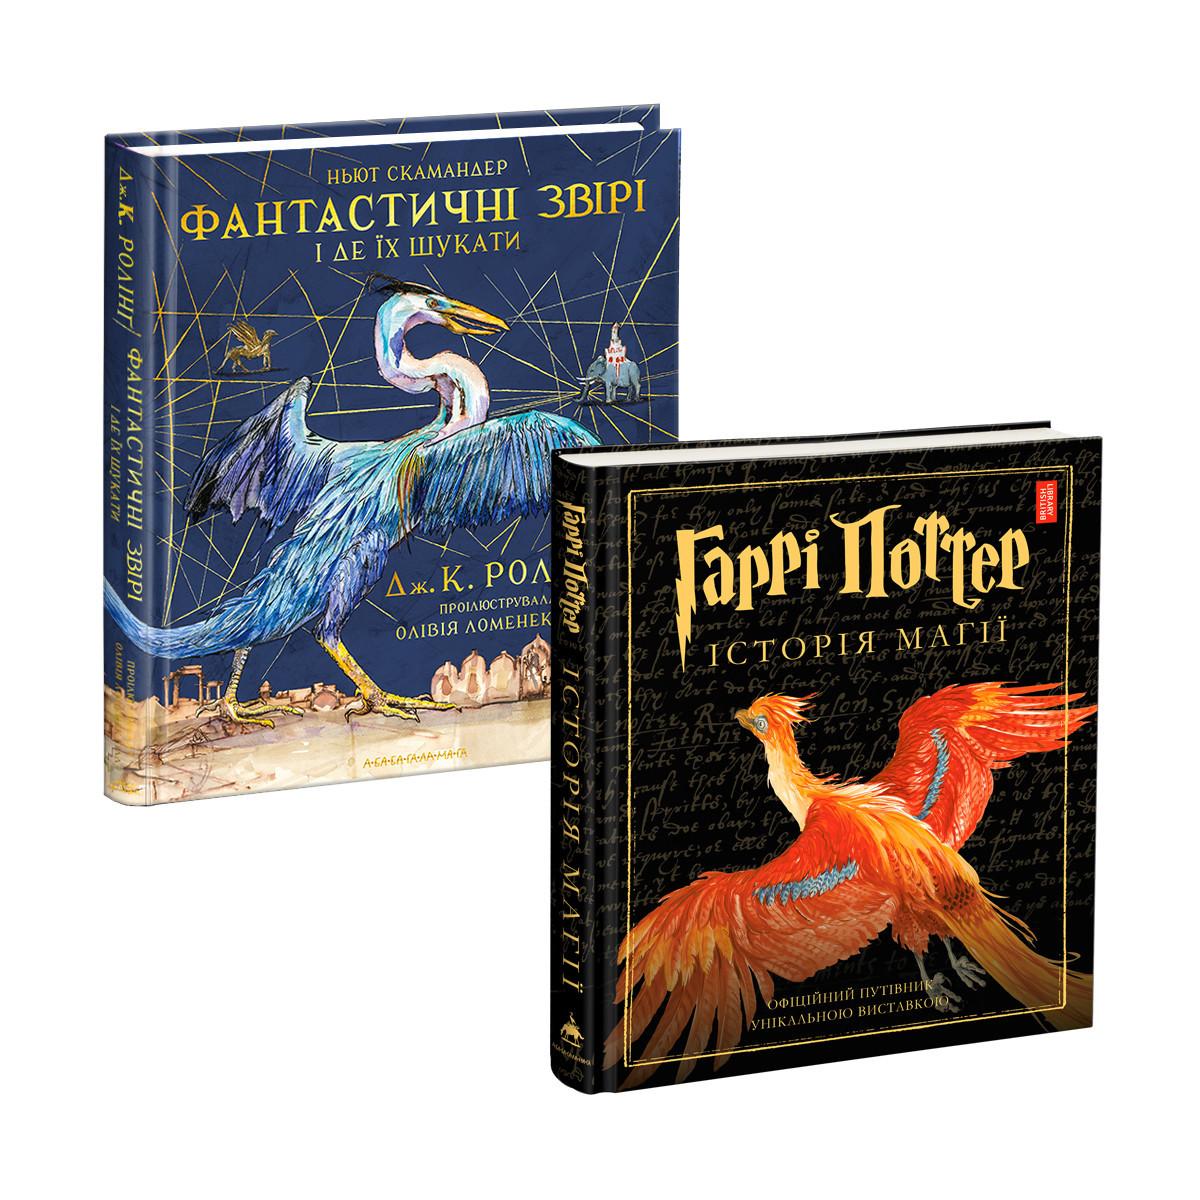 Набір 2-х ілюстрованих видань Історія Магії і Фантастичні звірі і де їх шукати